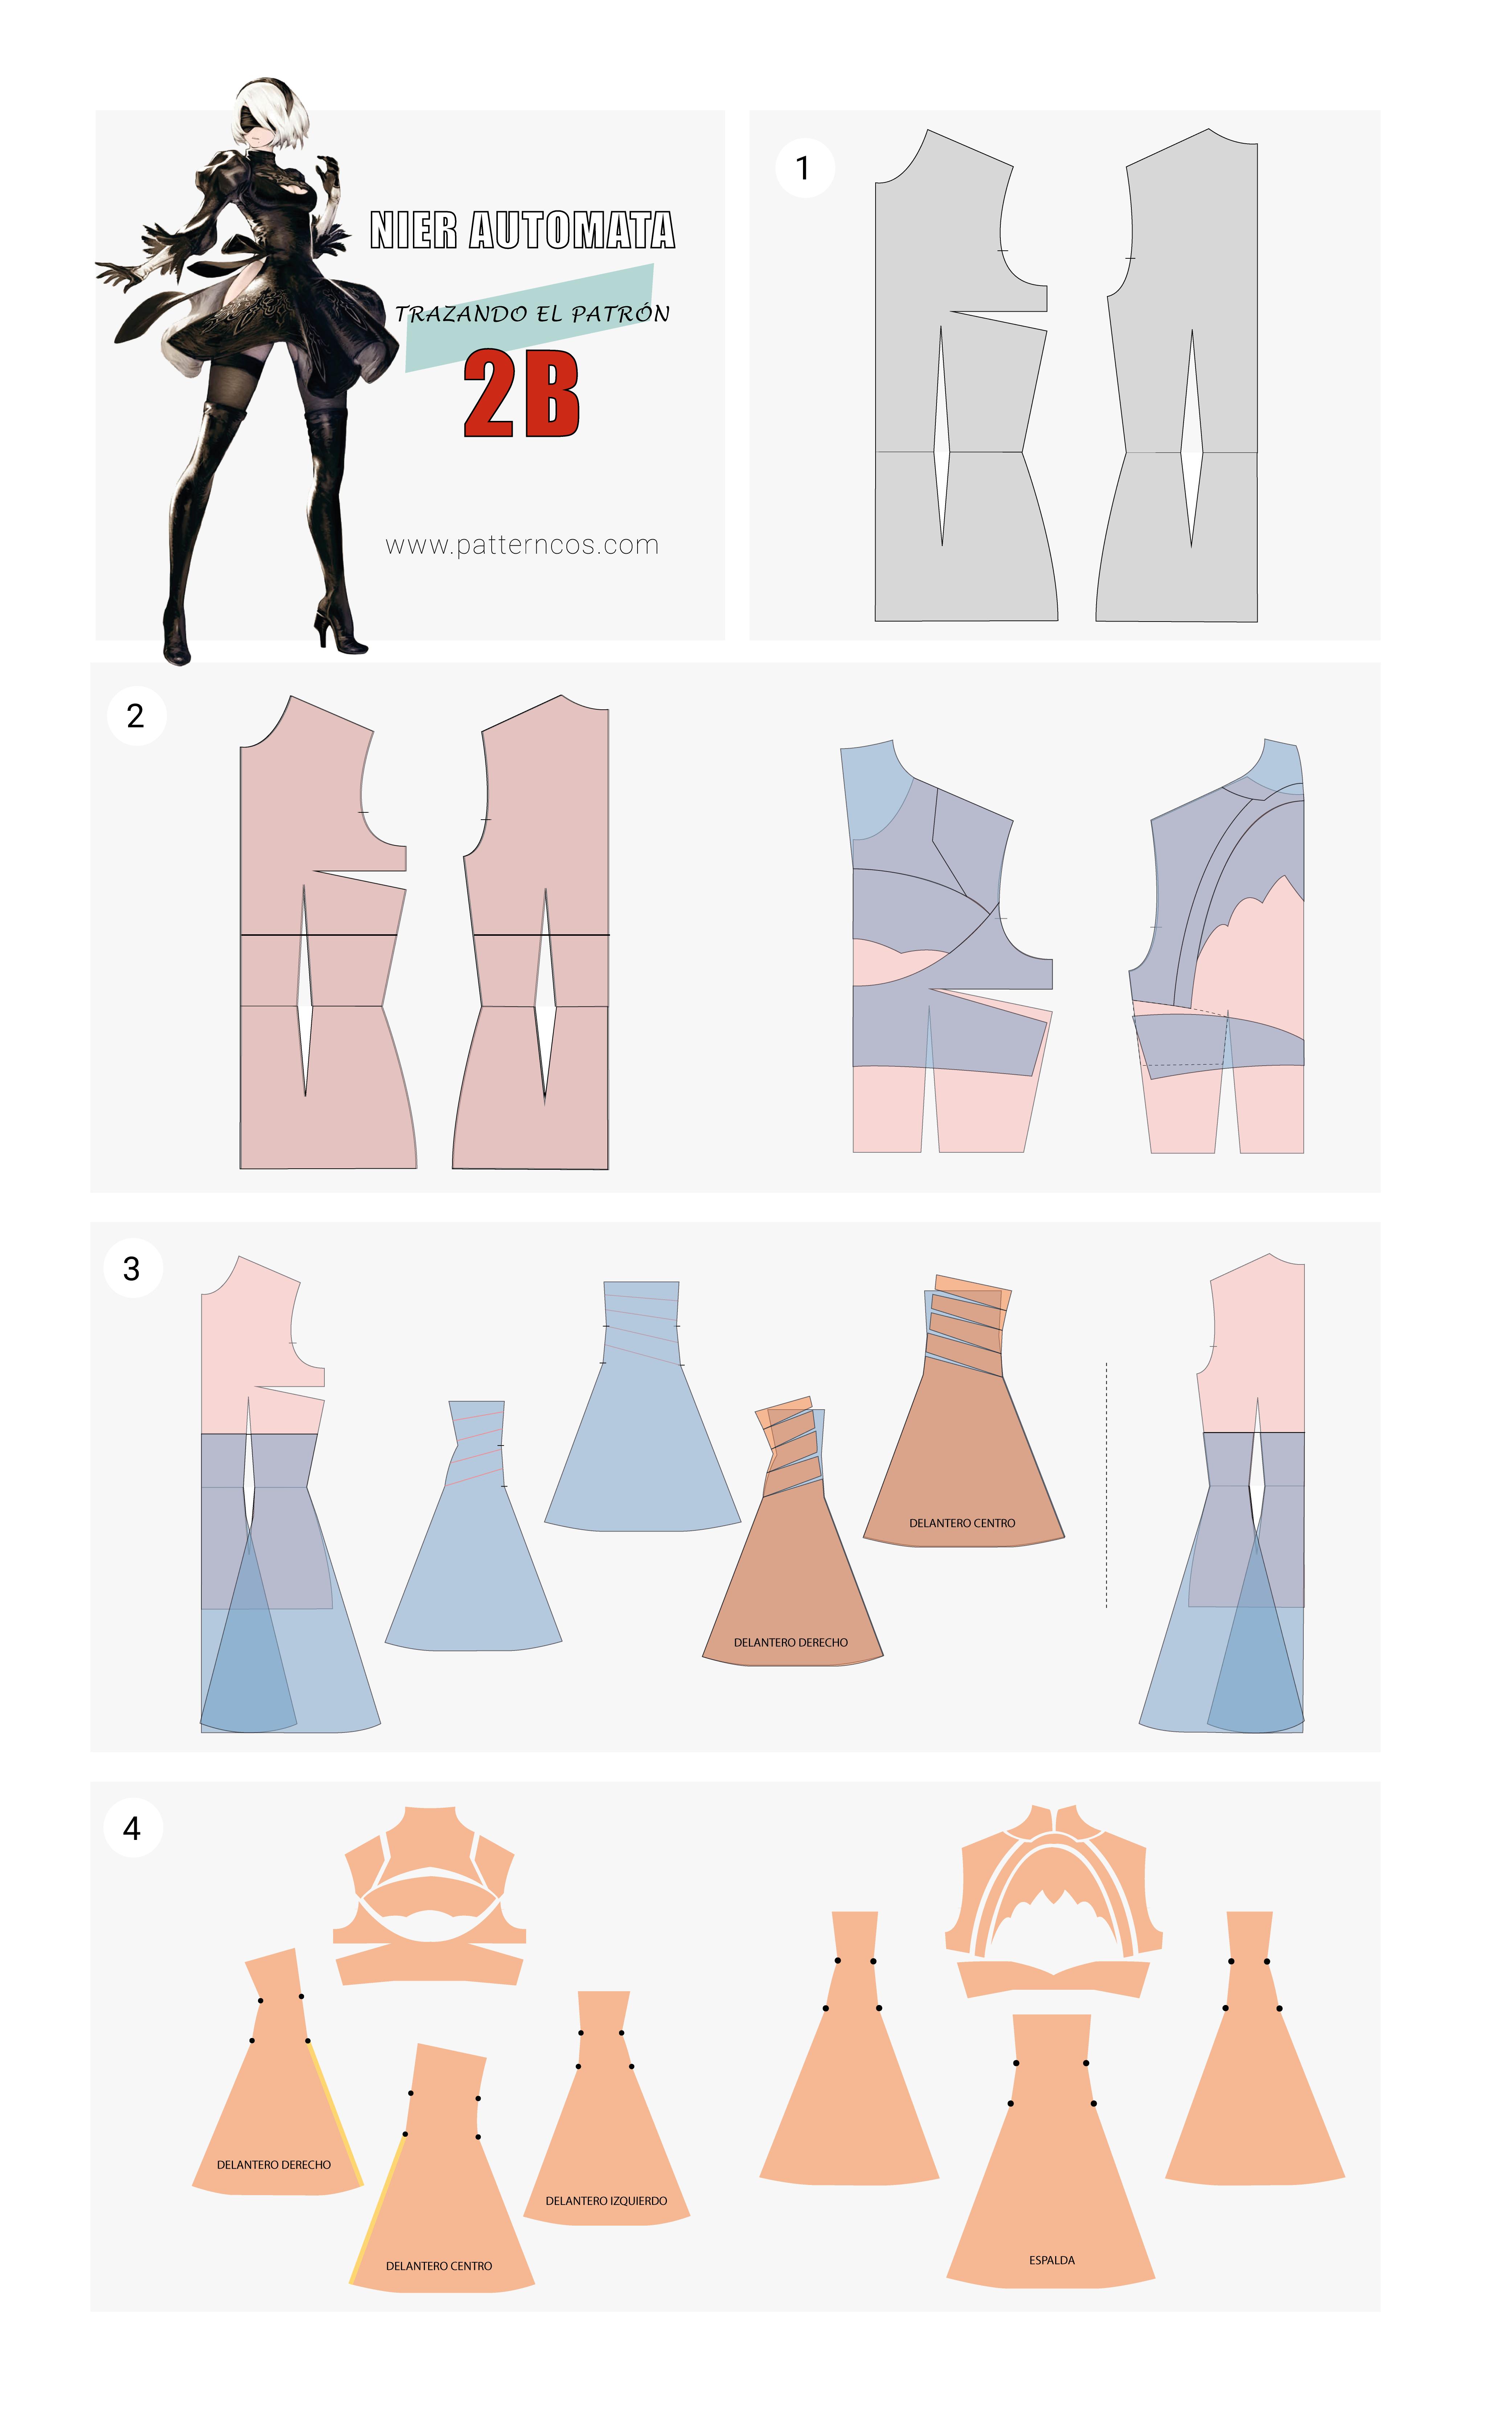 Cómo hacer el vestido de 2B | Cosplay Tutorial | Nier Automata ...